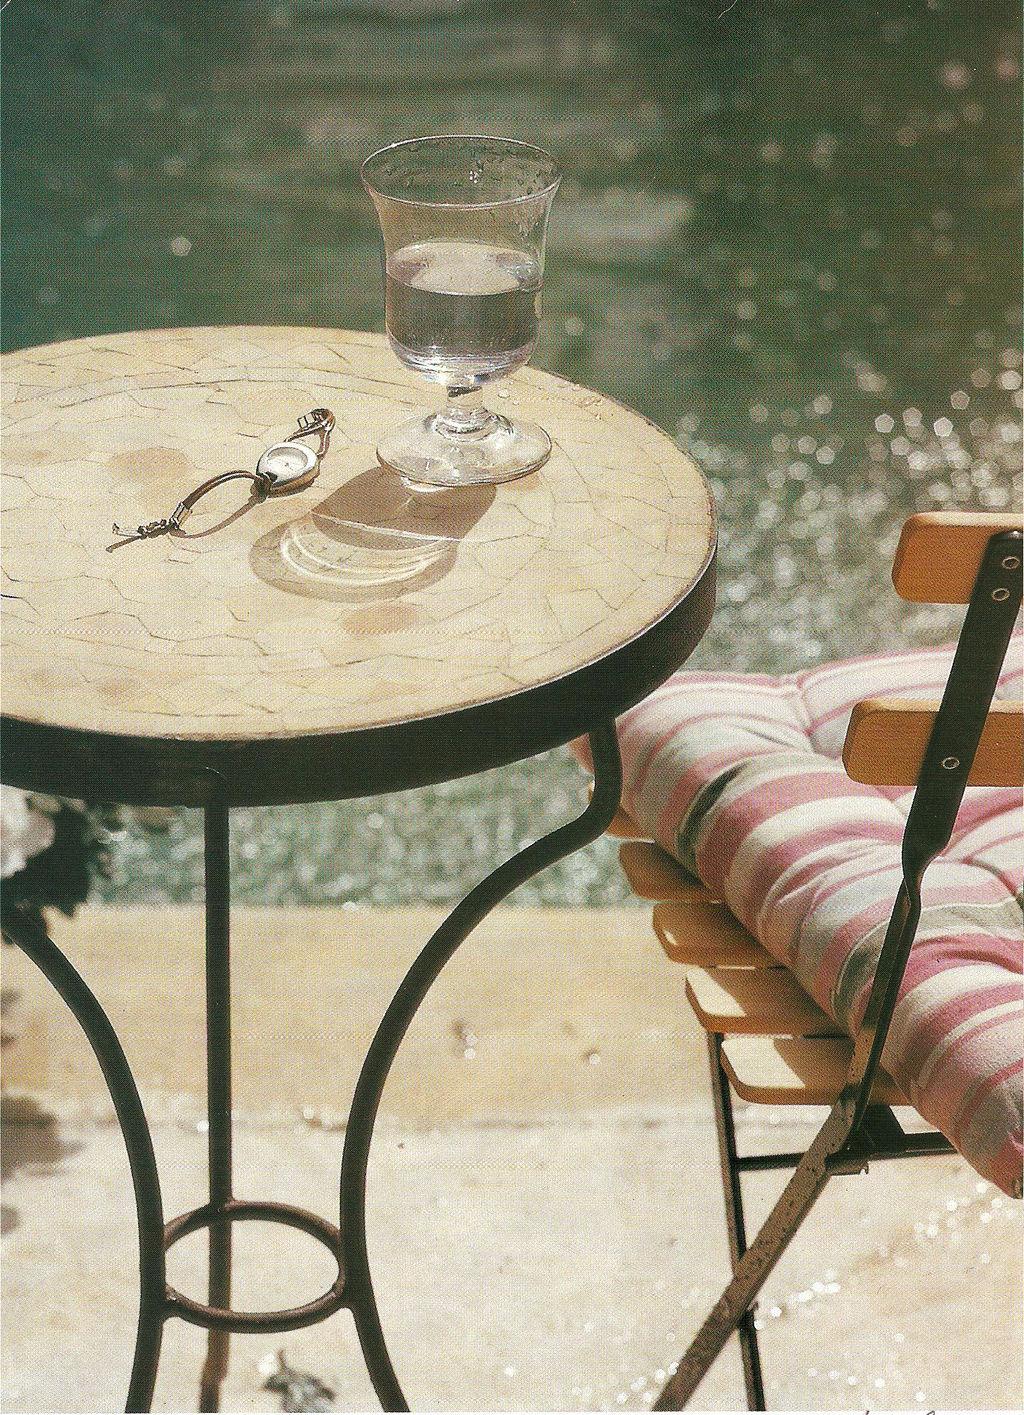 Sleeping company muebles y decoracion palma de mallorca - Muebles baratos palma de mallorca ...